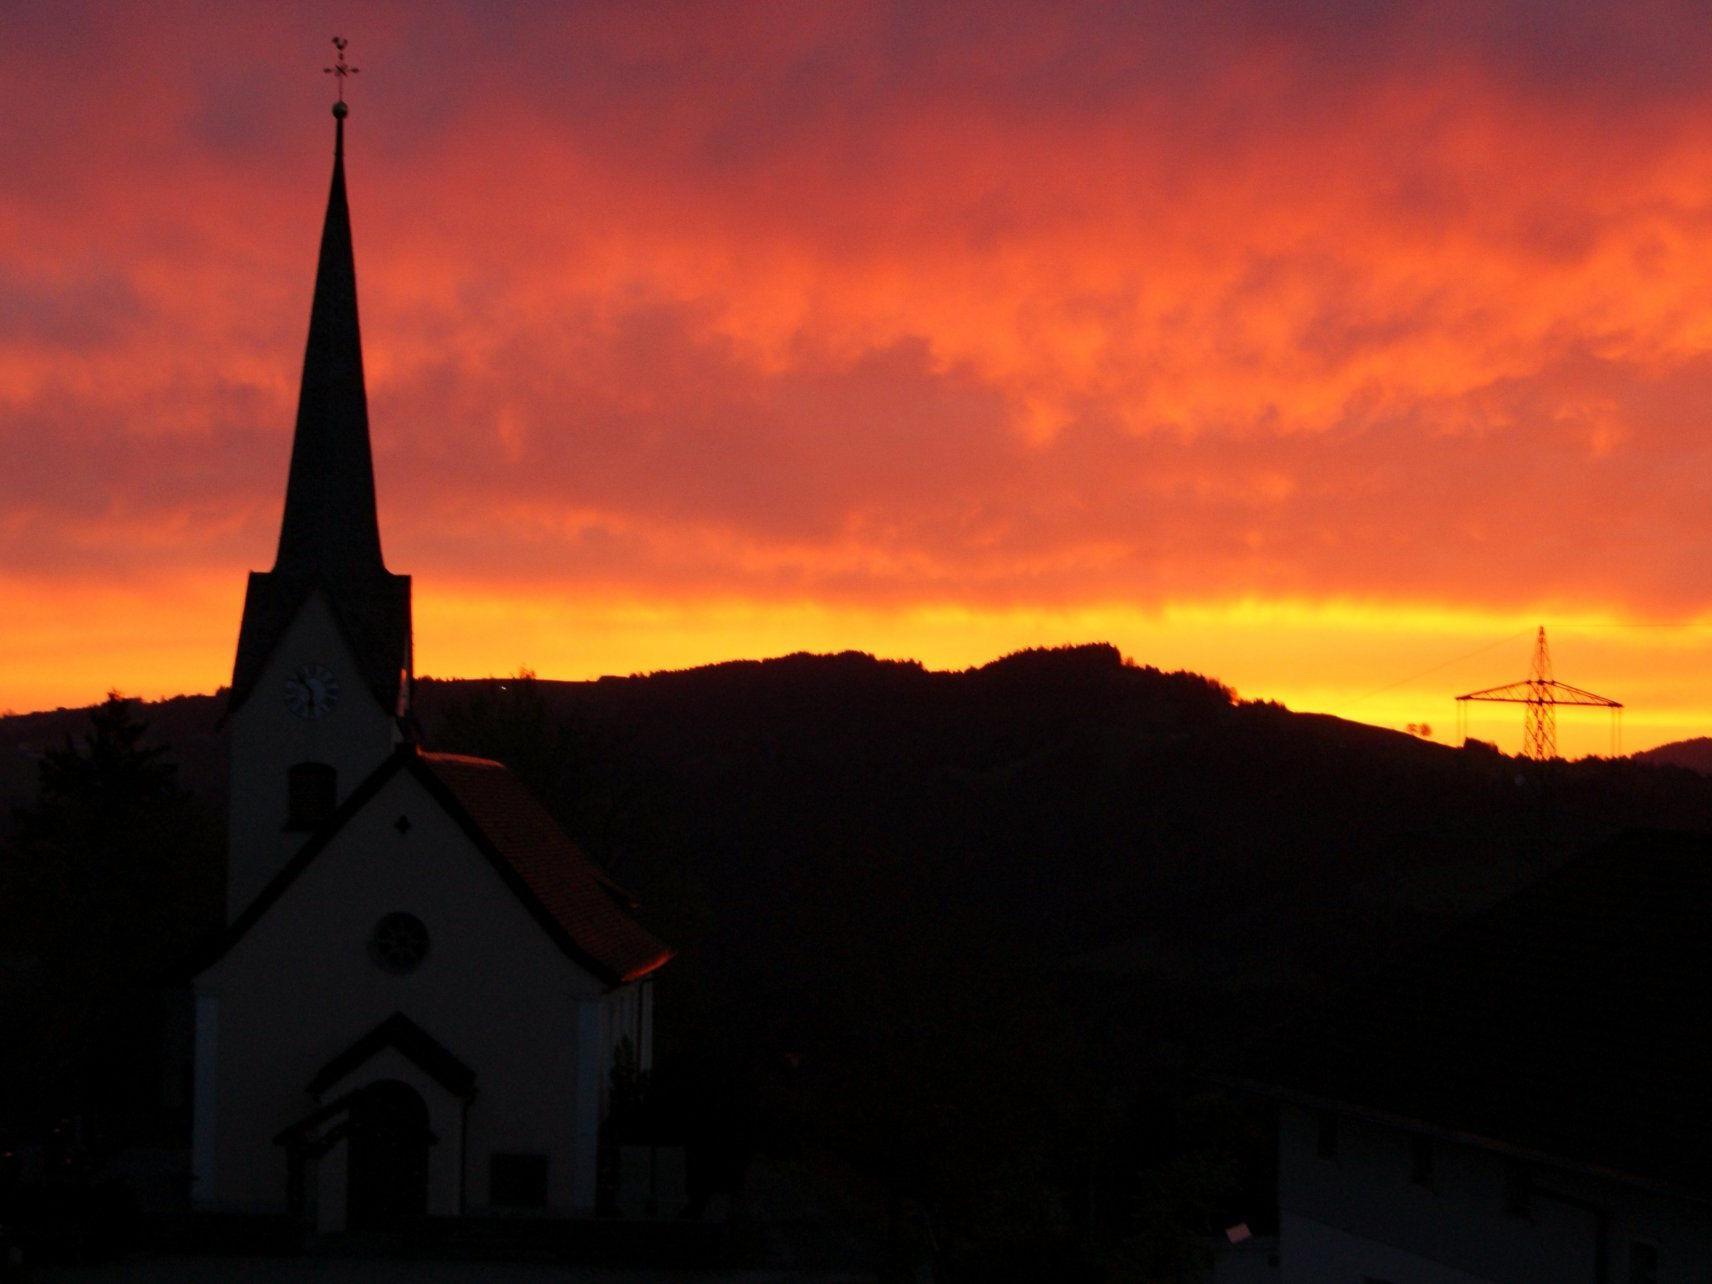 Dorfzentrum Buch: Um 06 Uhr färbte sich der Himmel rötlich, mitunter eine Folge der kräftigen Südwestströmung,  welche laut Meteorologen auch Saharasand ins Ländle brachte.